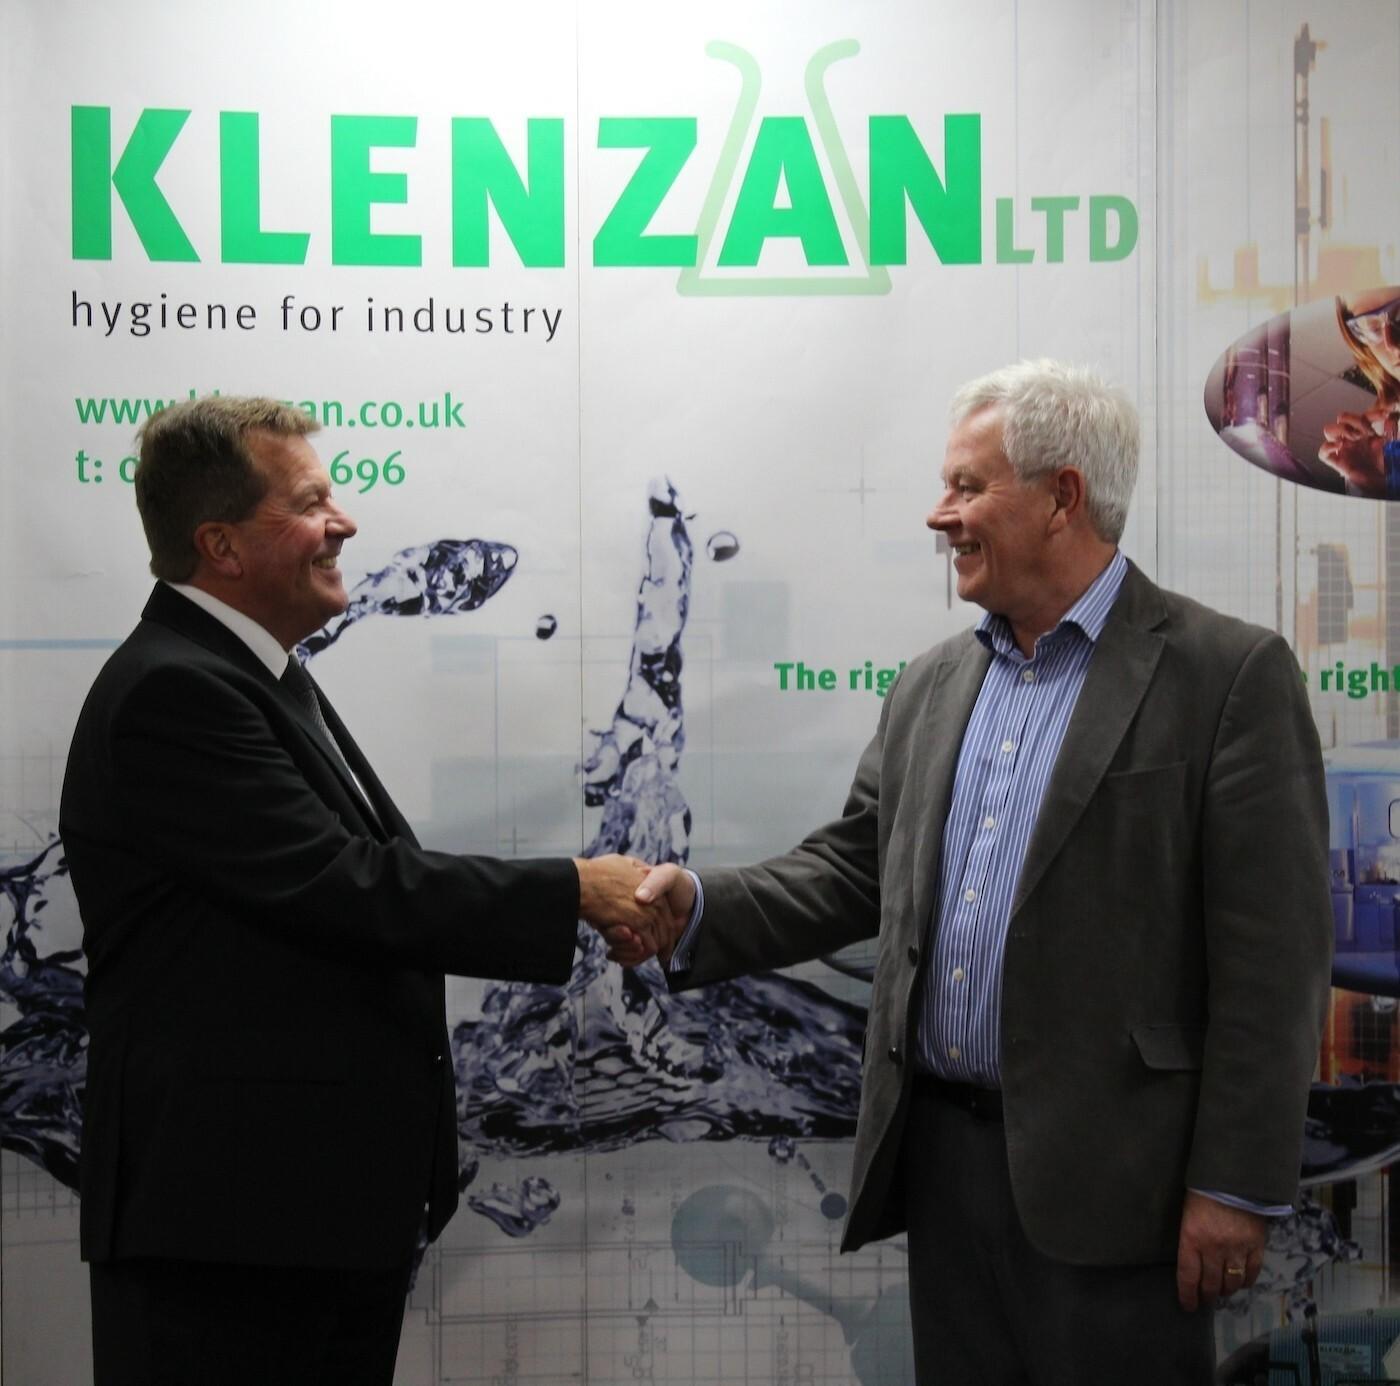 Klenzan & T.J. & S.Jenkinson Press Release